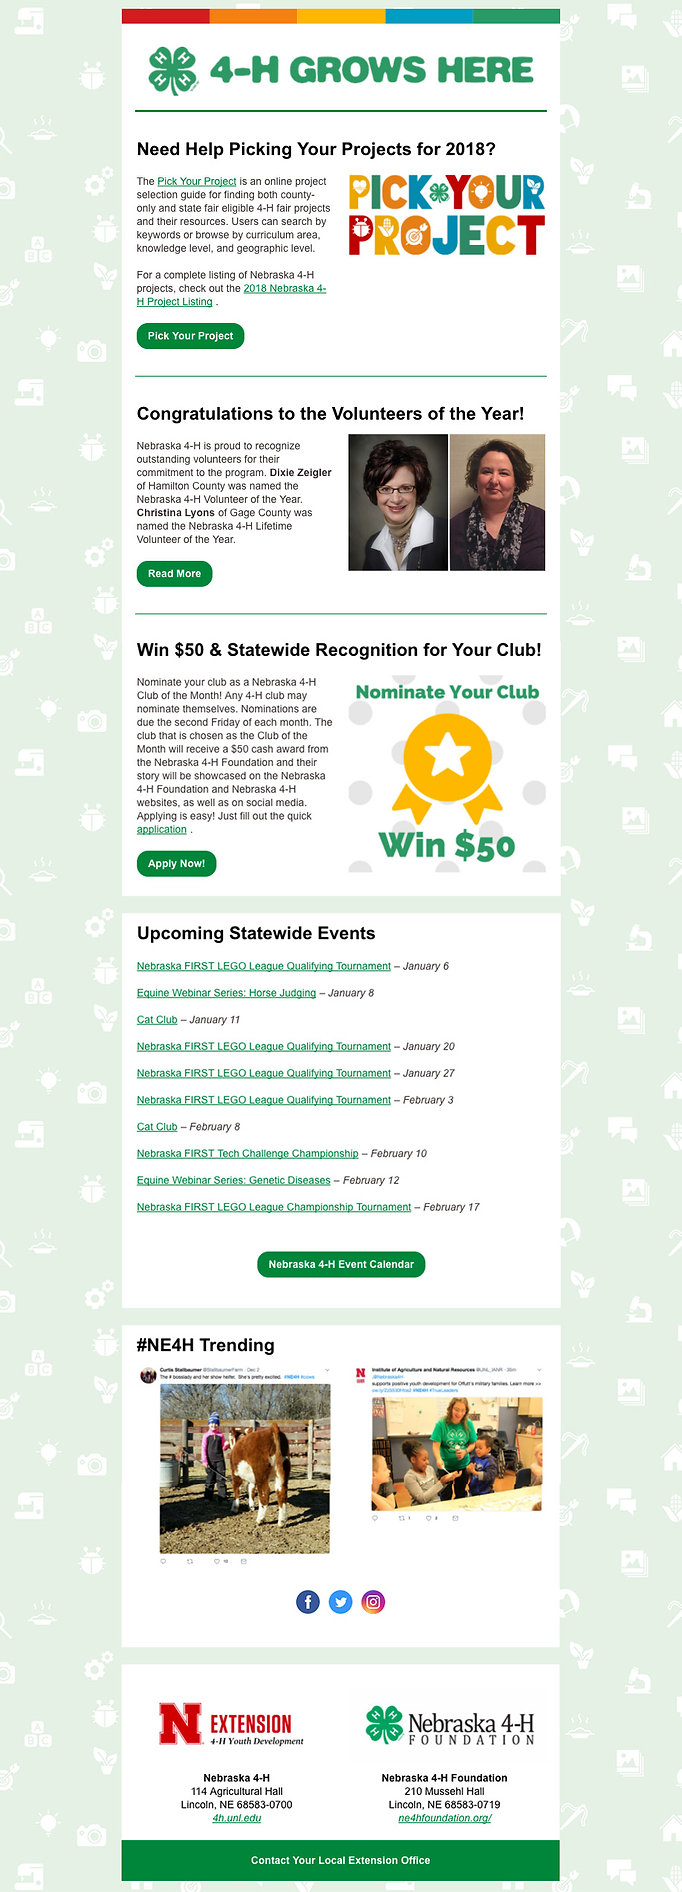 Nebraska 4-H email newsletter templat